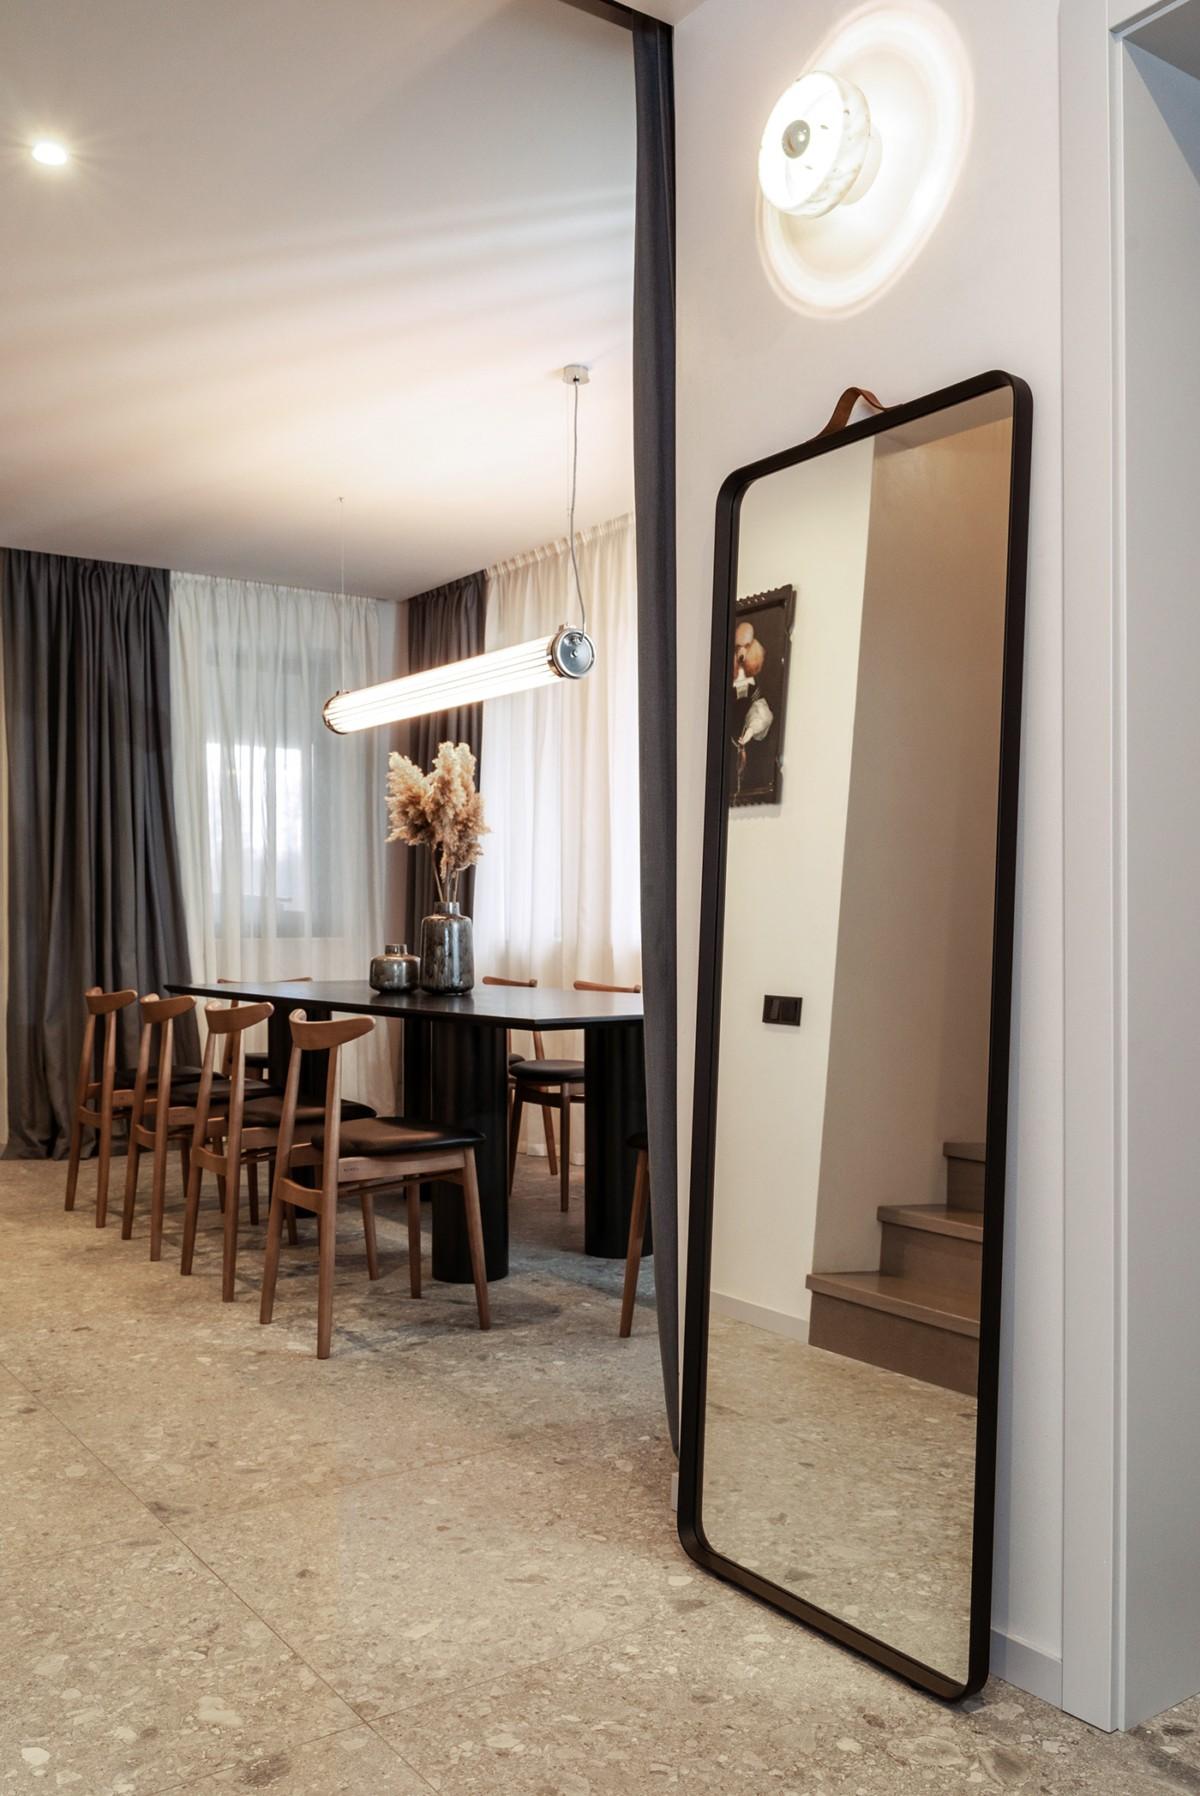 极简风格的高级感!基辅150平复式住宅设计